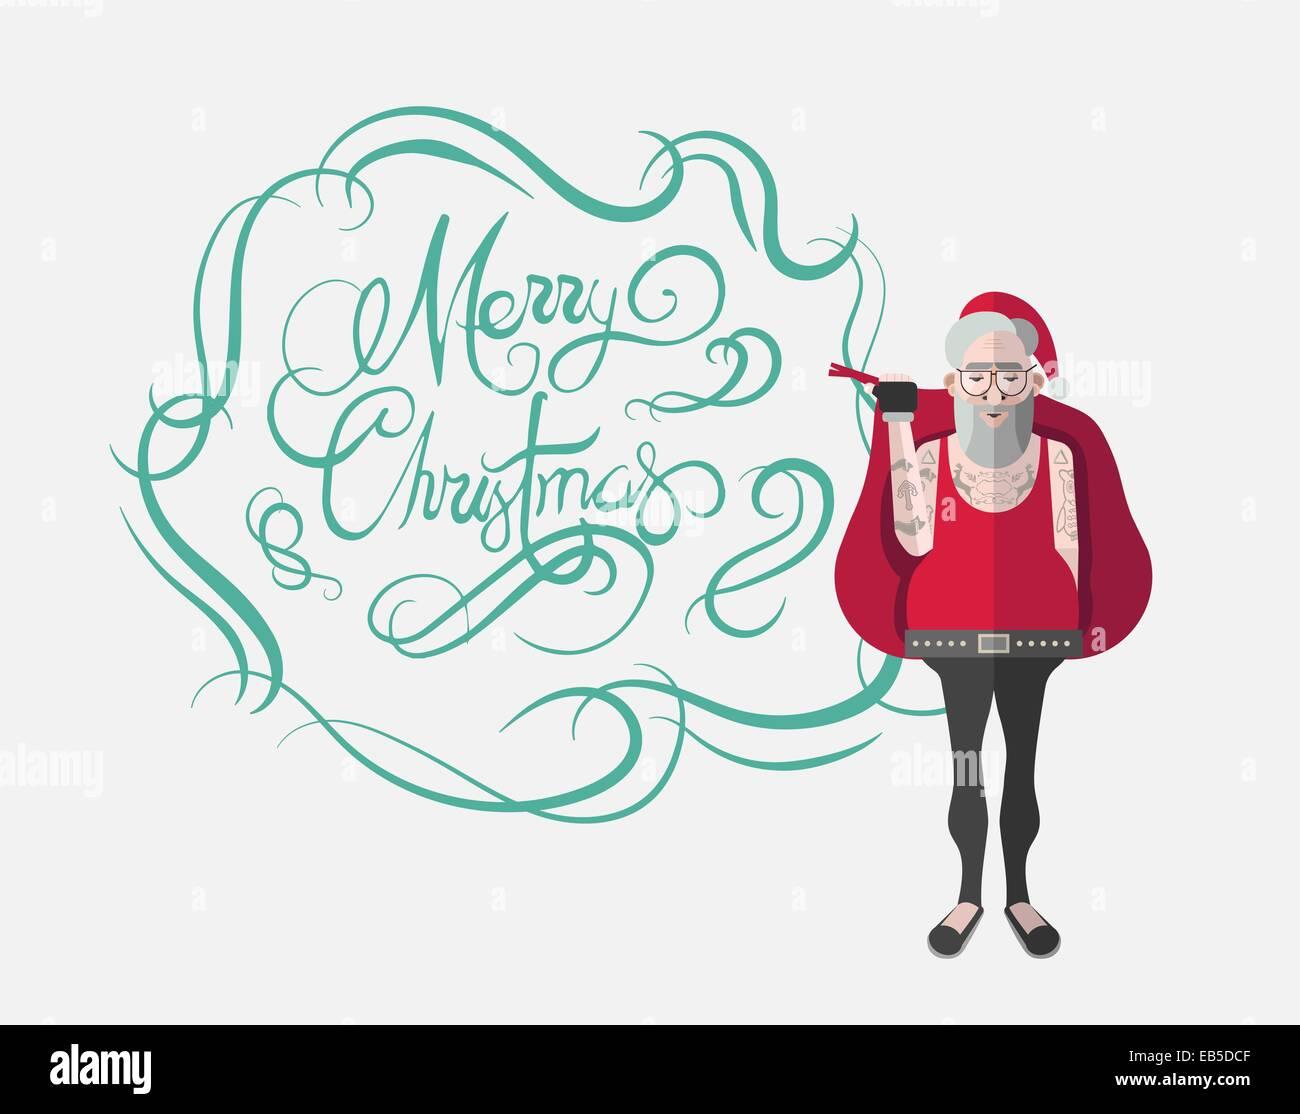 Frohe Weihnachten Nachricht Vektor in Kursivschrift grün mit Hipster ...